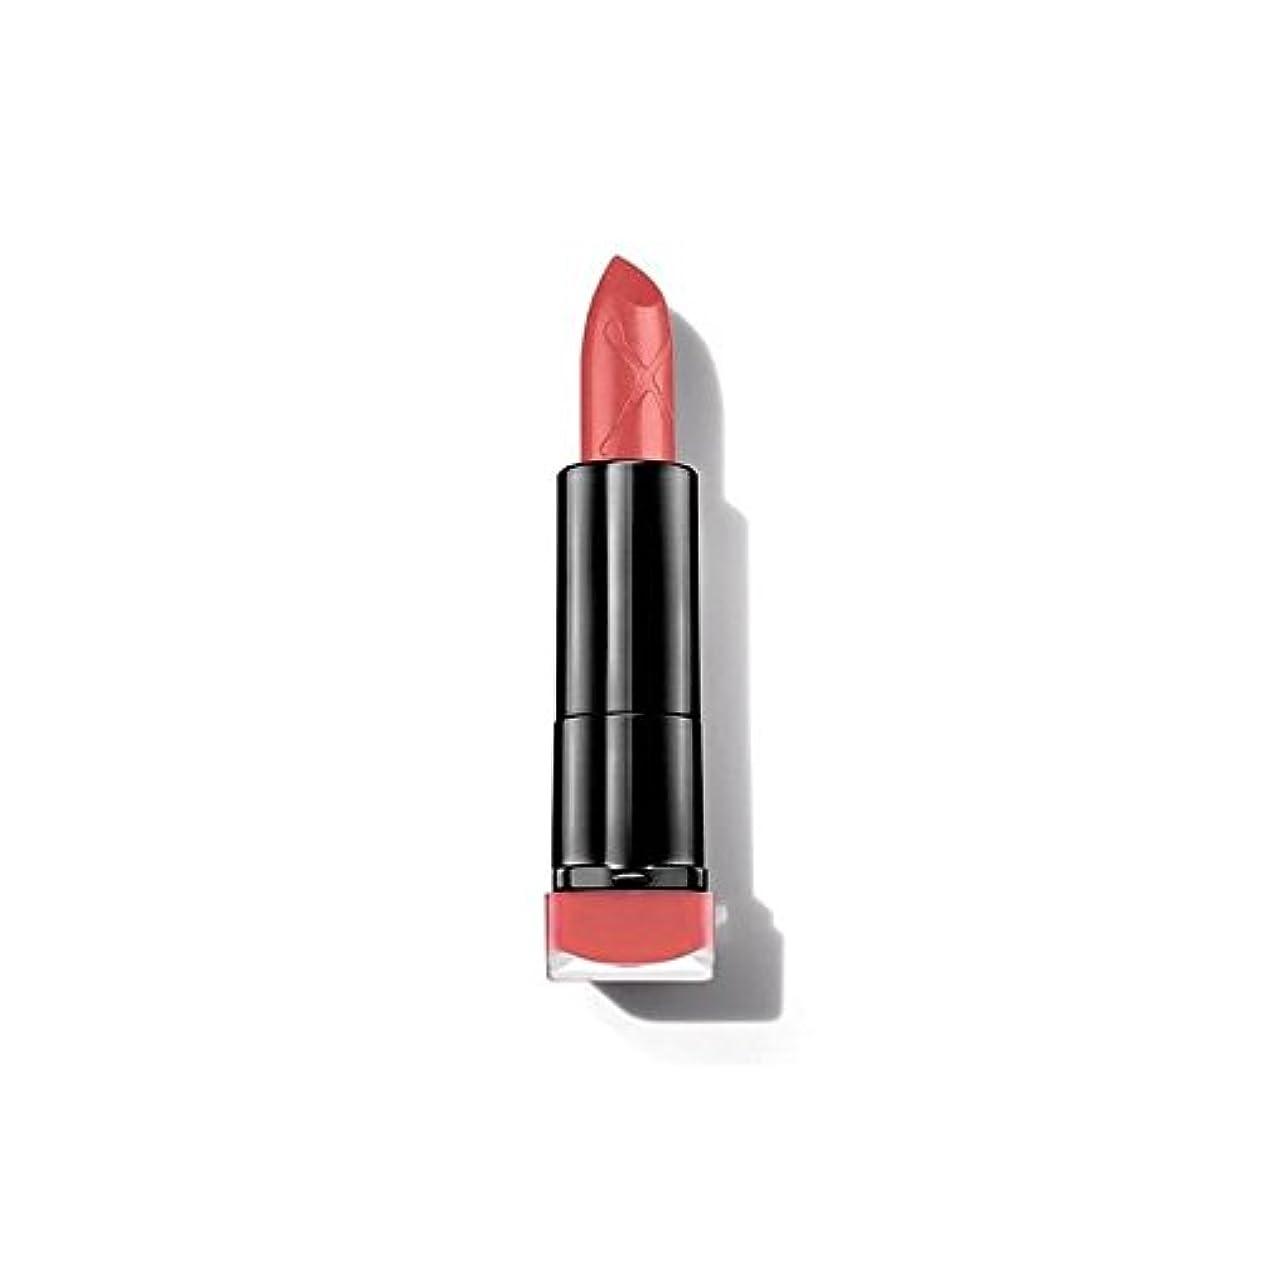 ソースたらい政府マックスファクターカラーエリキシルマット弾丸口紅 10 x4 - Max Factor Colour Elixir Matte Bullet Lipstick Sunkiss 10 (Pack of 4) [並行輸入品]